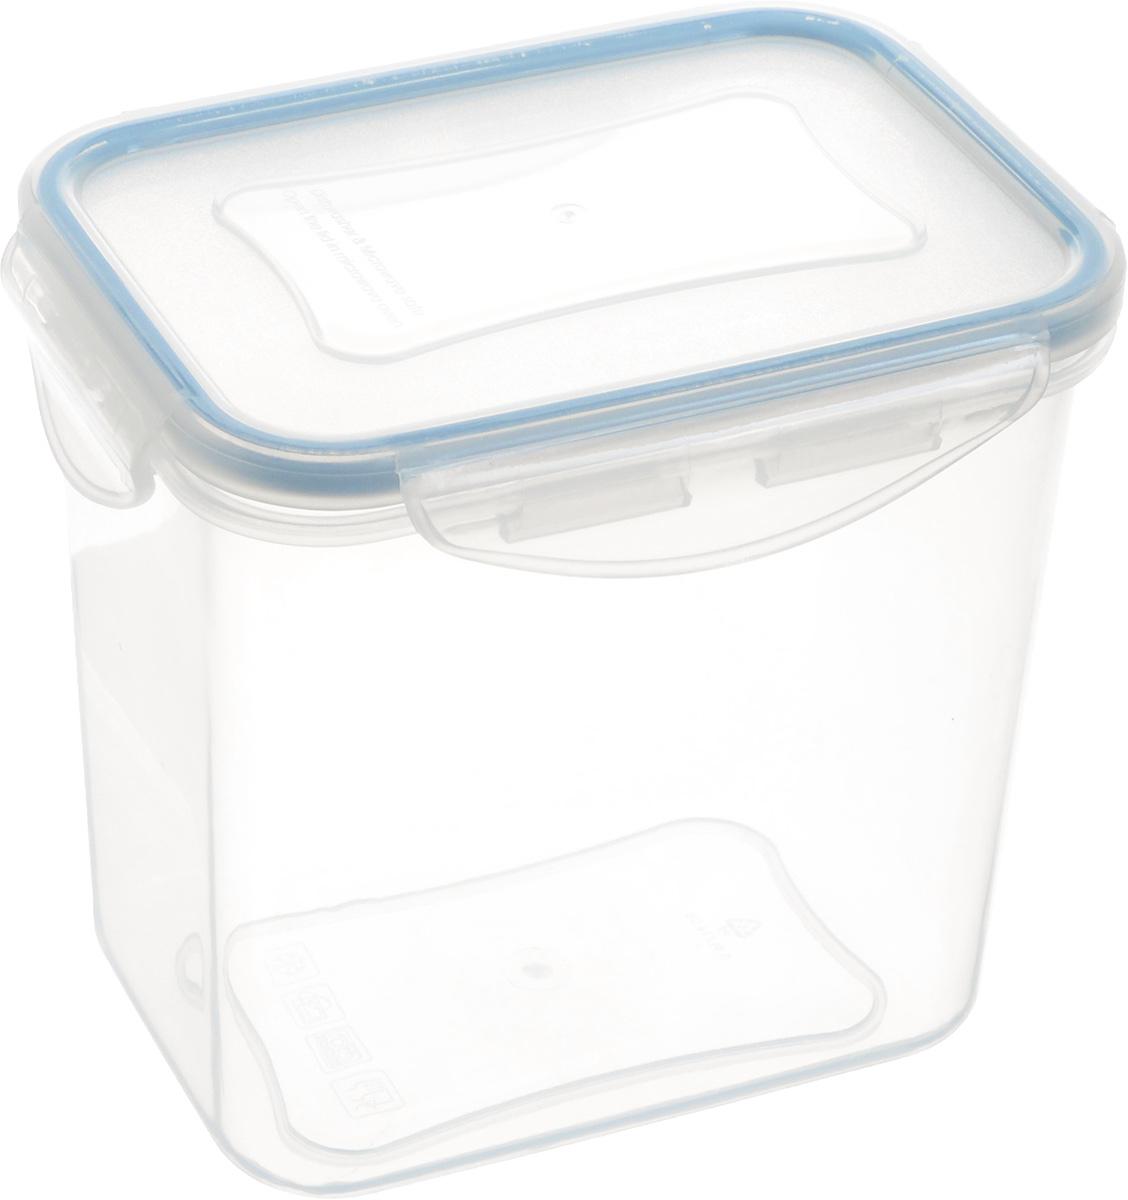 """Контейнер Tescoma """"Freshbox"""" изготовлен из высококачественного пластика. Изделие идеально  подходит не только для хранения, но и для транспортировки пищи.  Контейнер имеет крышку, которая плотно закрывается на 4 защелки и оснащена специальной  силиконовой прослойкой, предотвращающей проникновение влаги и запахов.  Изделие подходит для домашнего использования, для пикников, поездок, отдыха на природе,  его можно взять с собой на работу или учебу.  Можно использовать в СВЧ-печах, холодильниках и морозильных камерах. Можно мыть в  посудомоечной машине. Размер контейнера (без учета крышки): 12,5 х 9 см.  Высота контейнера (без учета крышки): 12 см."""